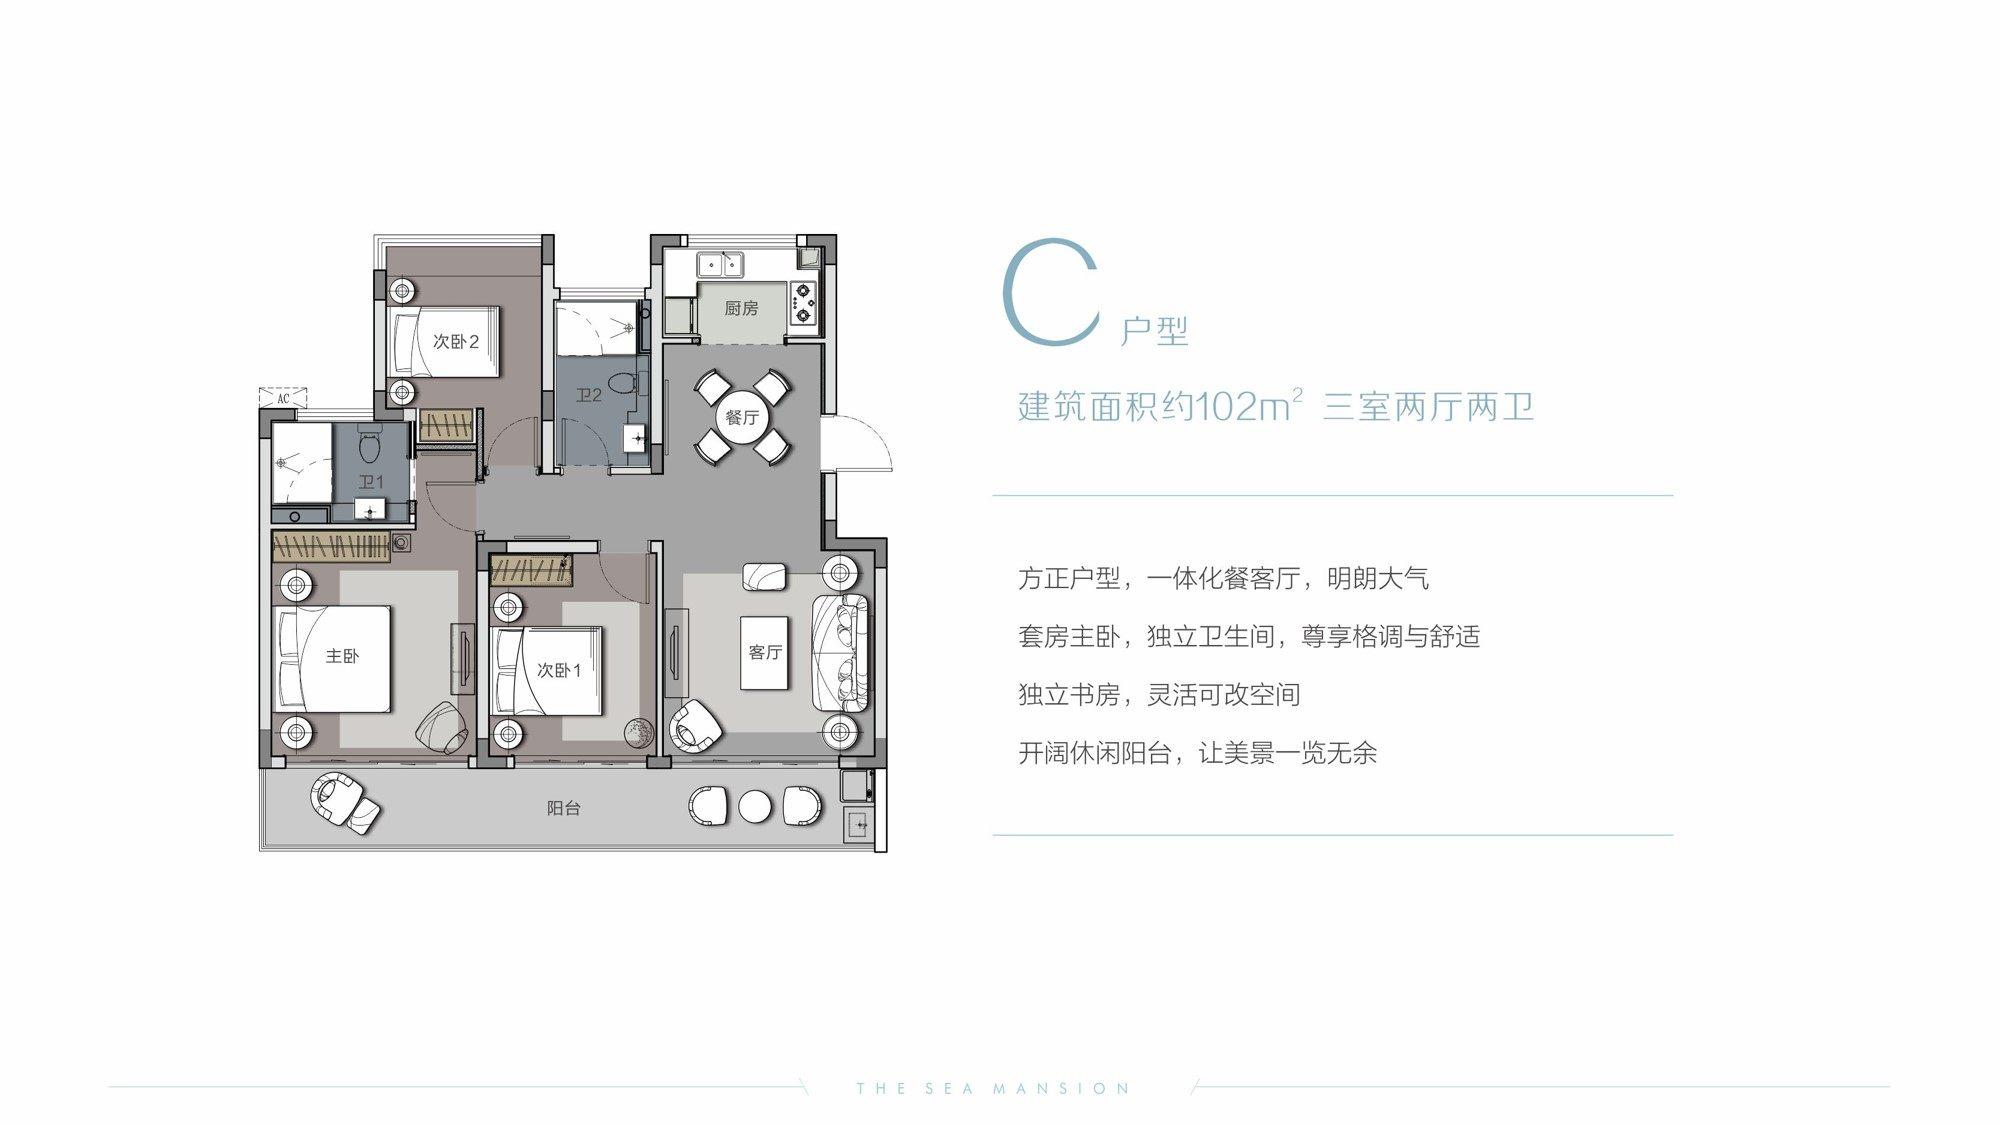 嘉鹏未来海岸C户型图 3室2厅2卫1厨  建筑面积102㎡